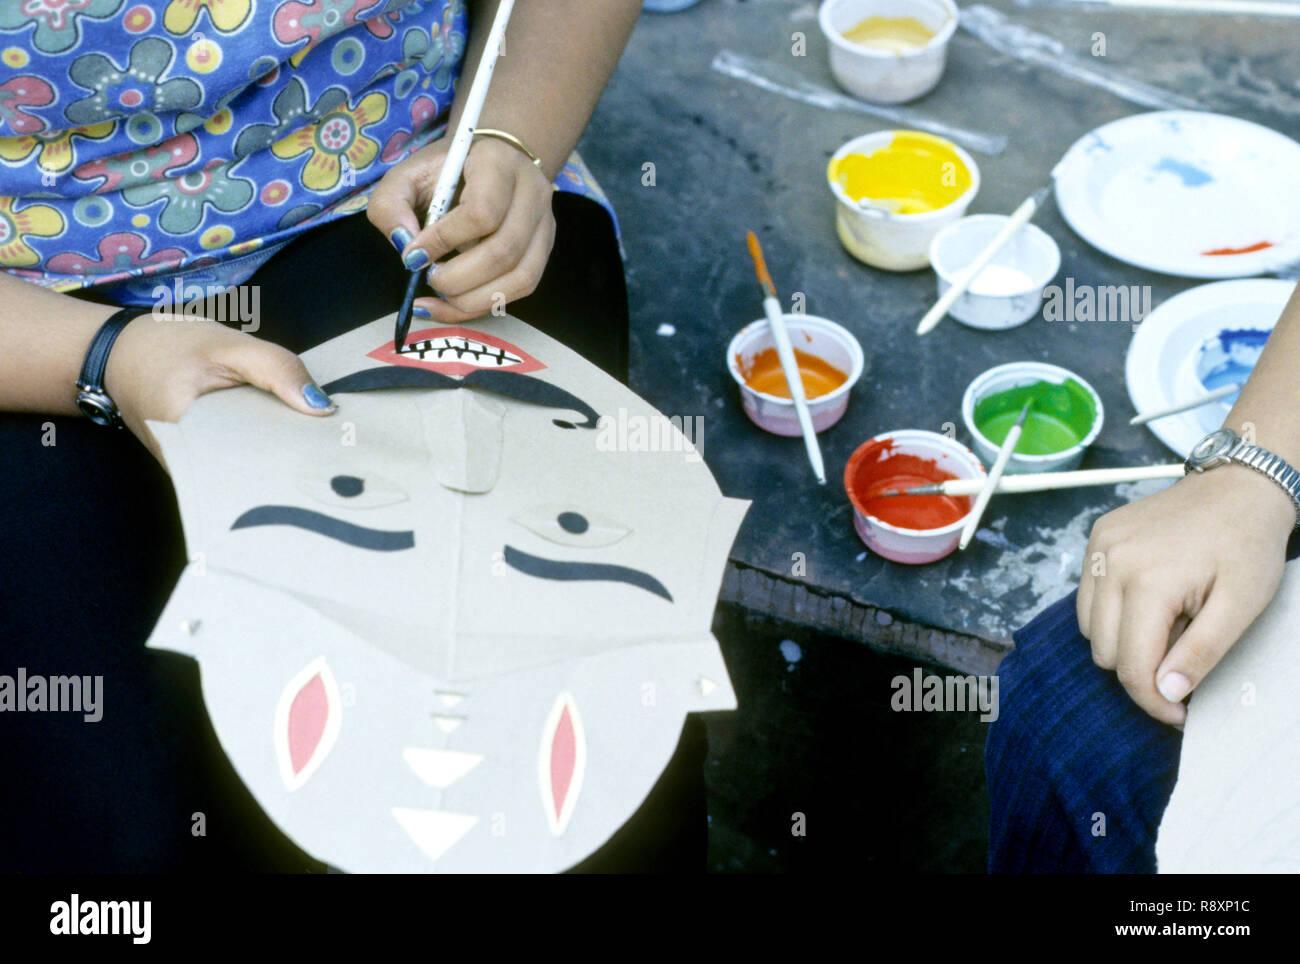 girl making ramayan story, workshop of children, mumbai bombay, maharashtra, india - Stock Image